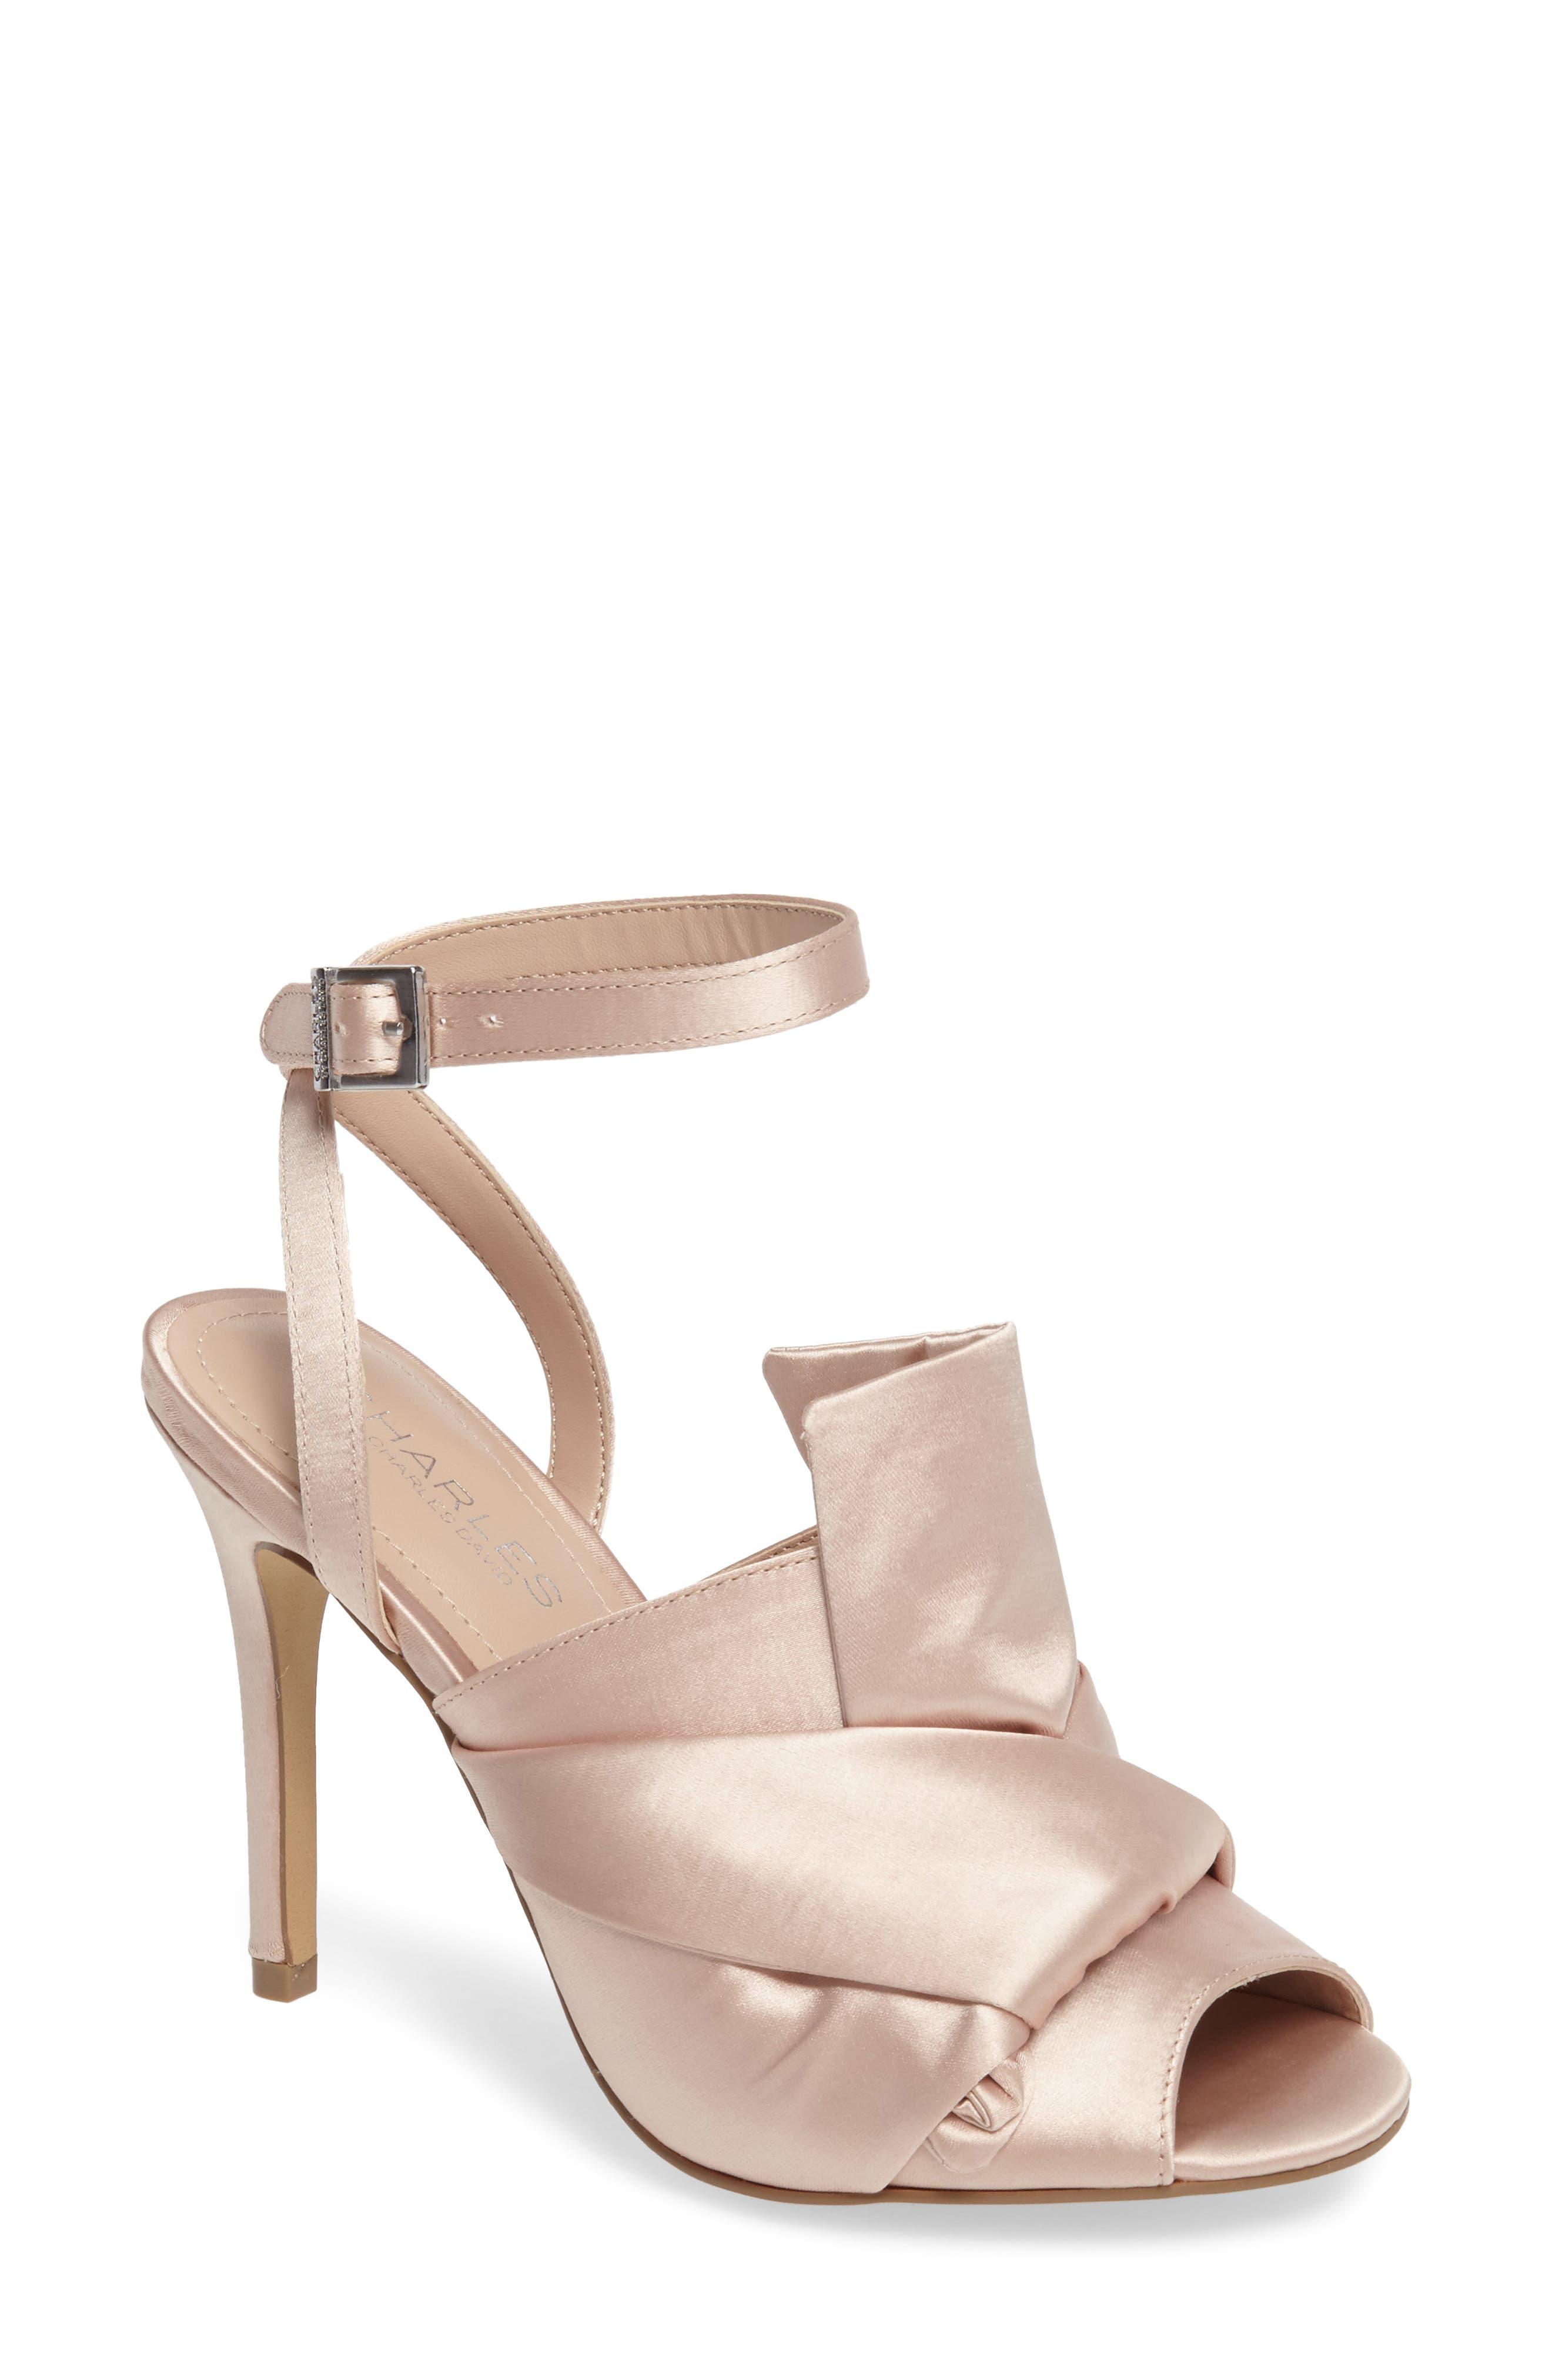 Rachel Ankle Strap Sandal,                             Main thumbnail 2, color,